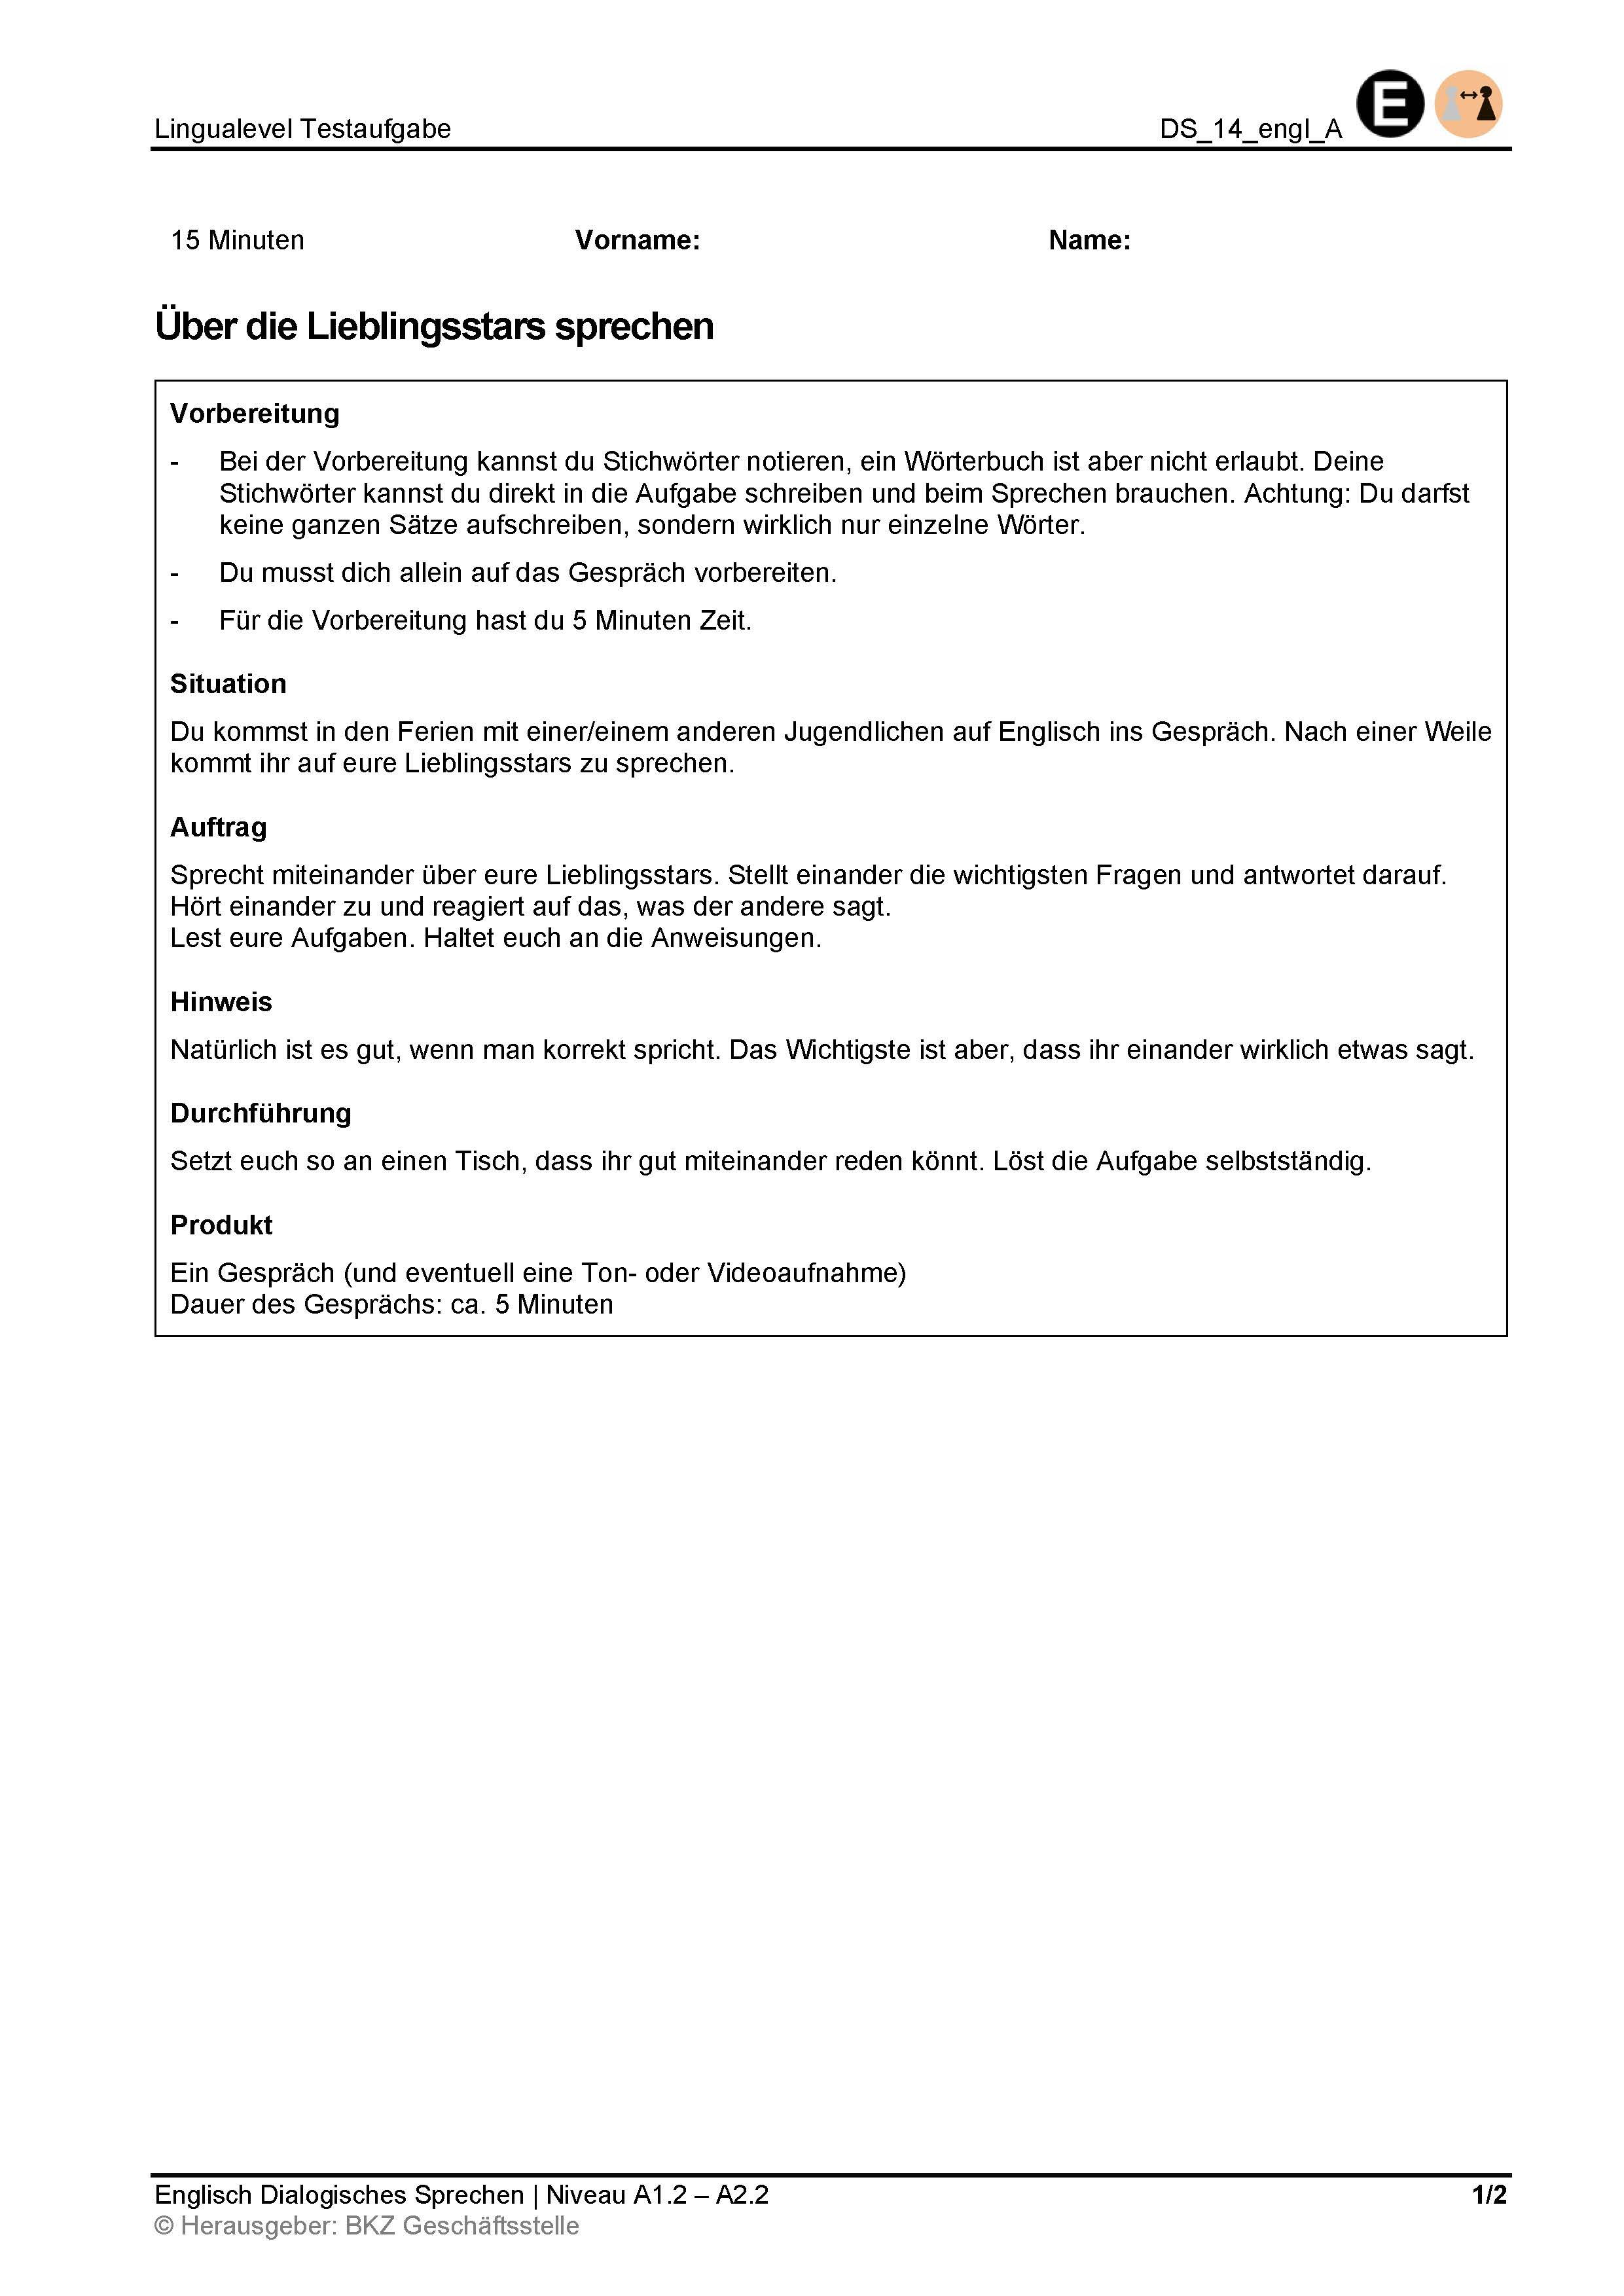 Preview image for LOM object Dialogisches Sprechen: Über die Lieblingsstars sprechen